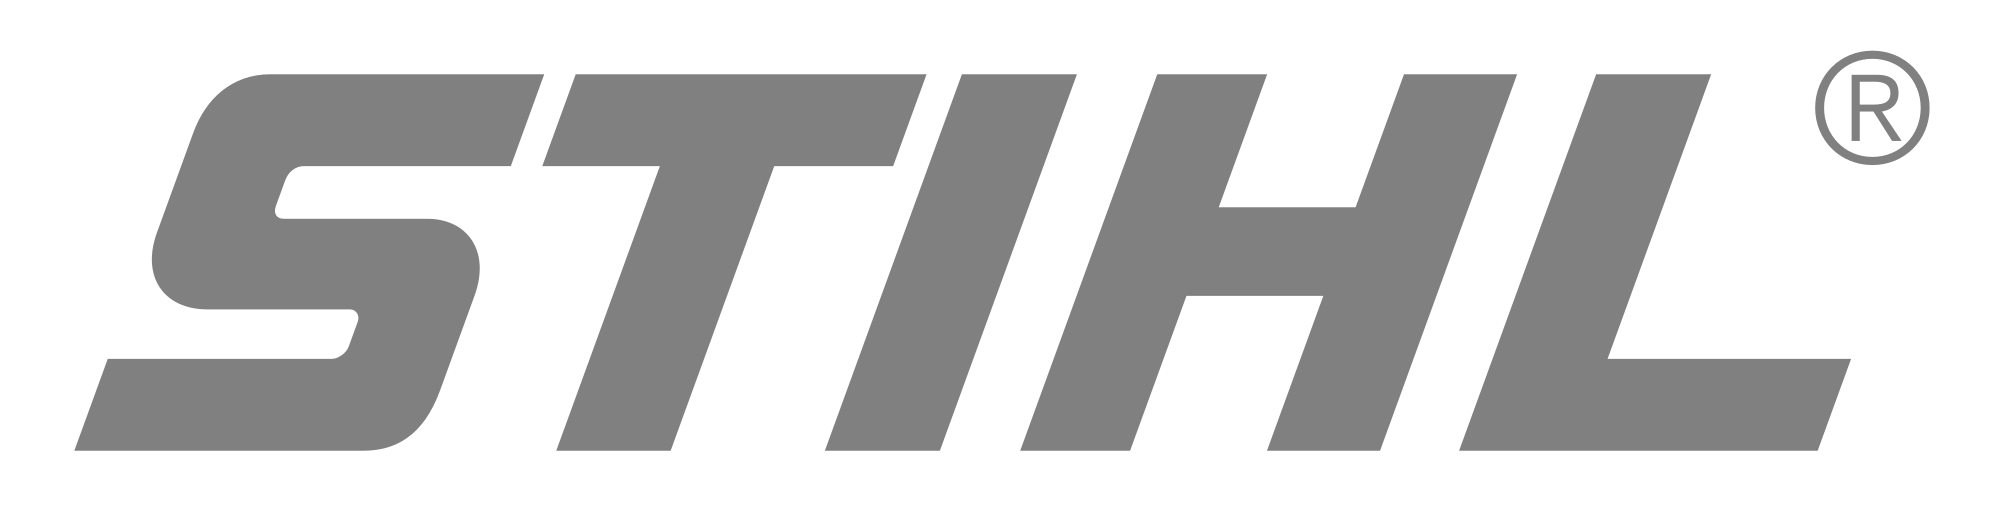 Stihl setzt PLANTA Projektmanagement-Software ein